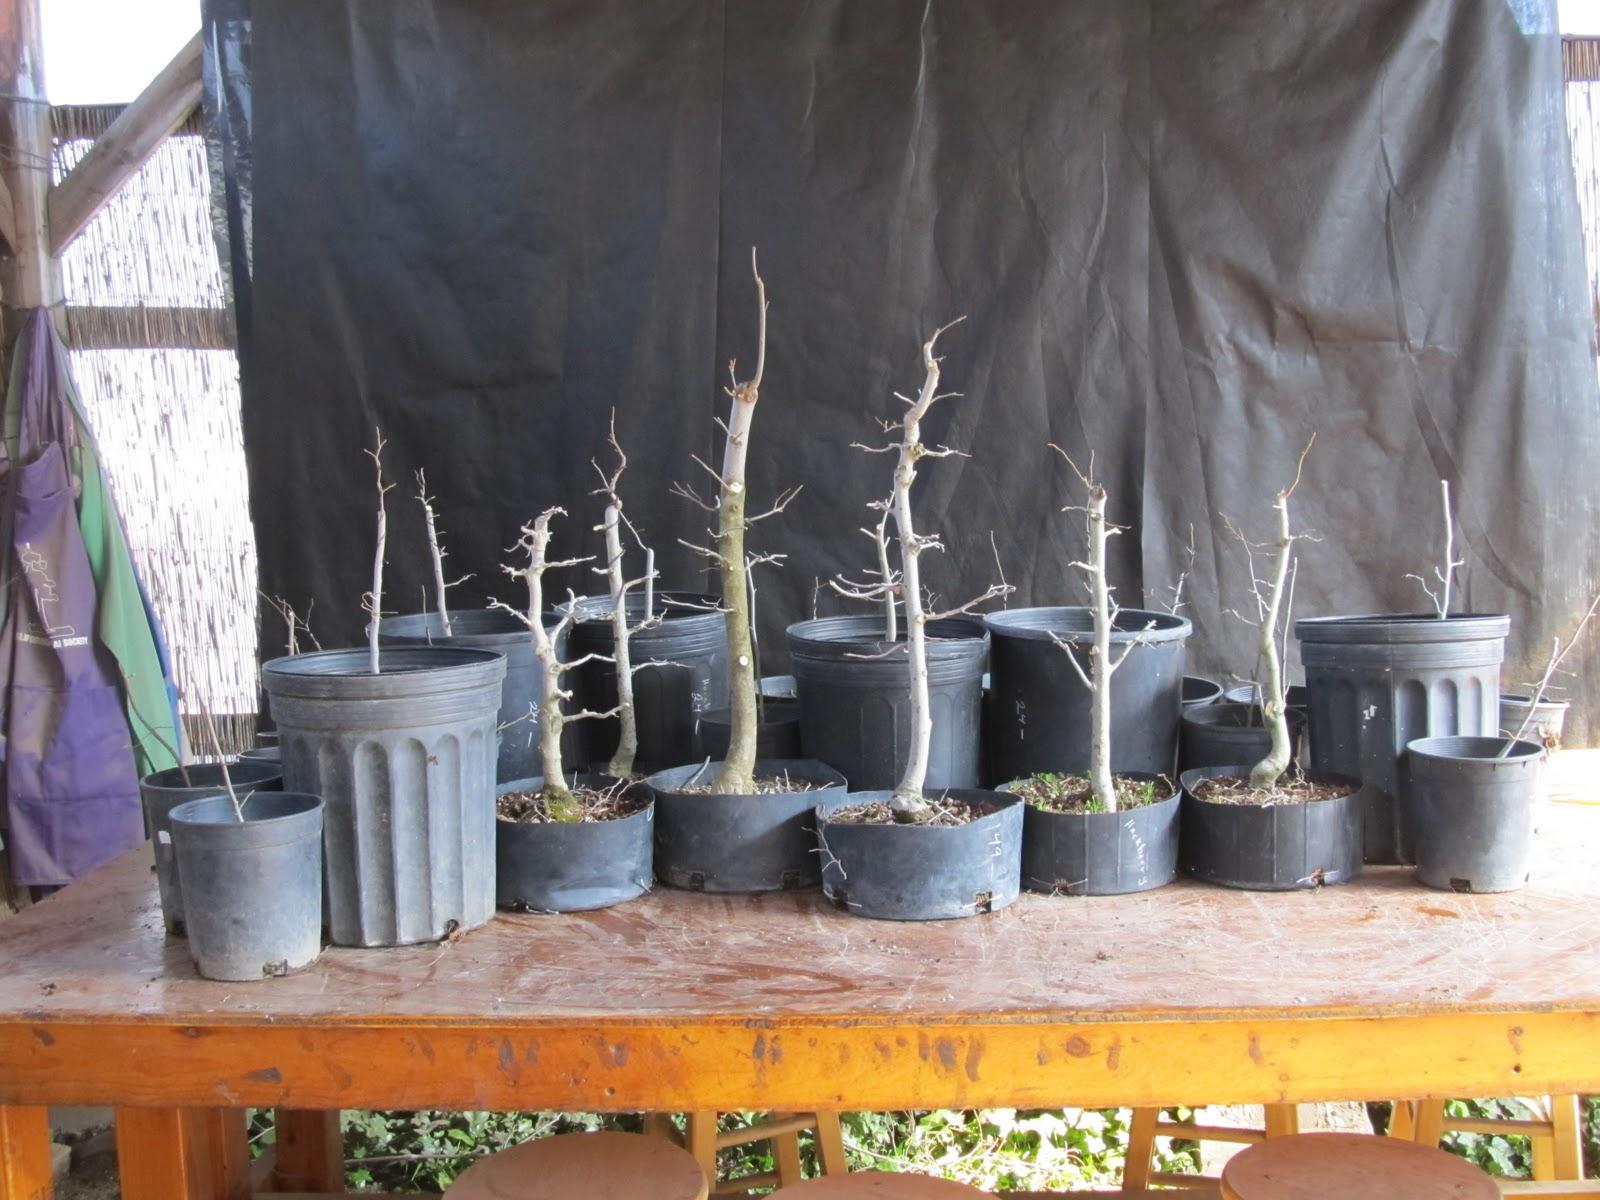 Bonsaibp39s Bonsai Blog Creating A Forest Planting Part 1